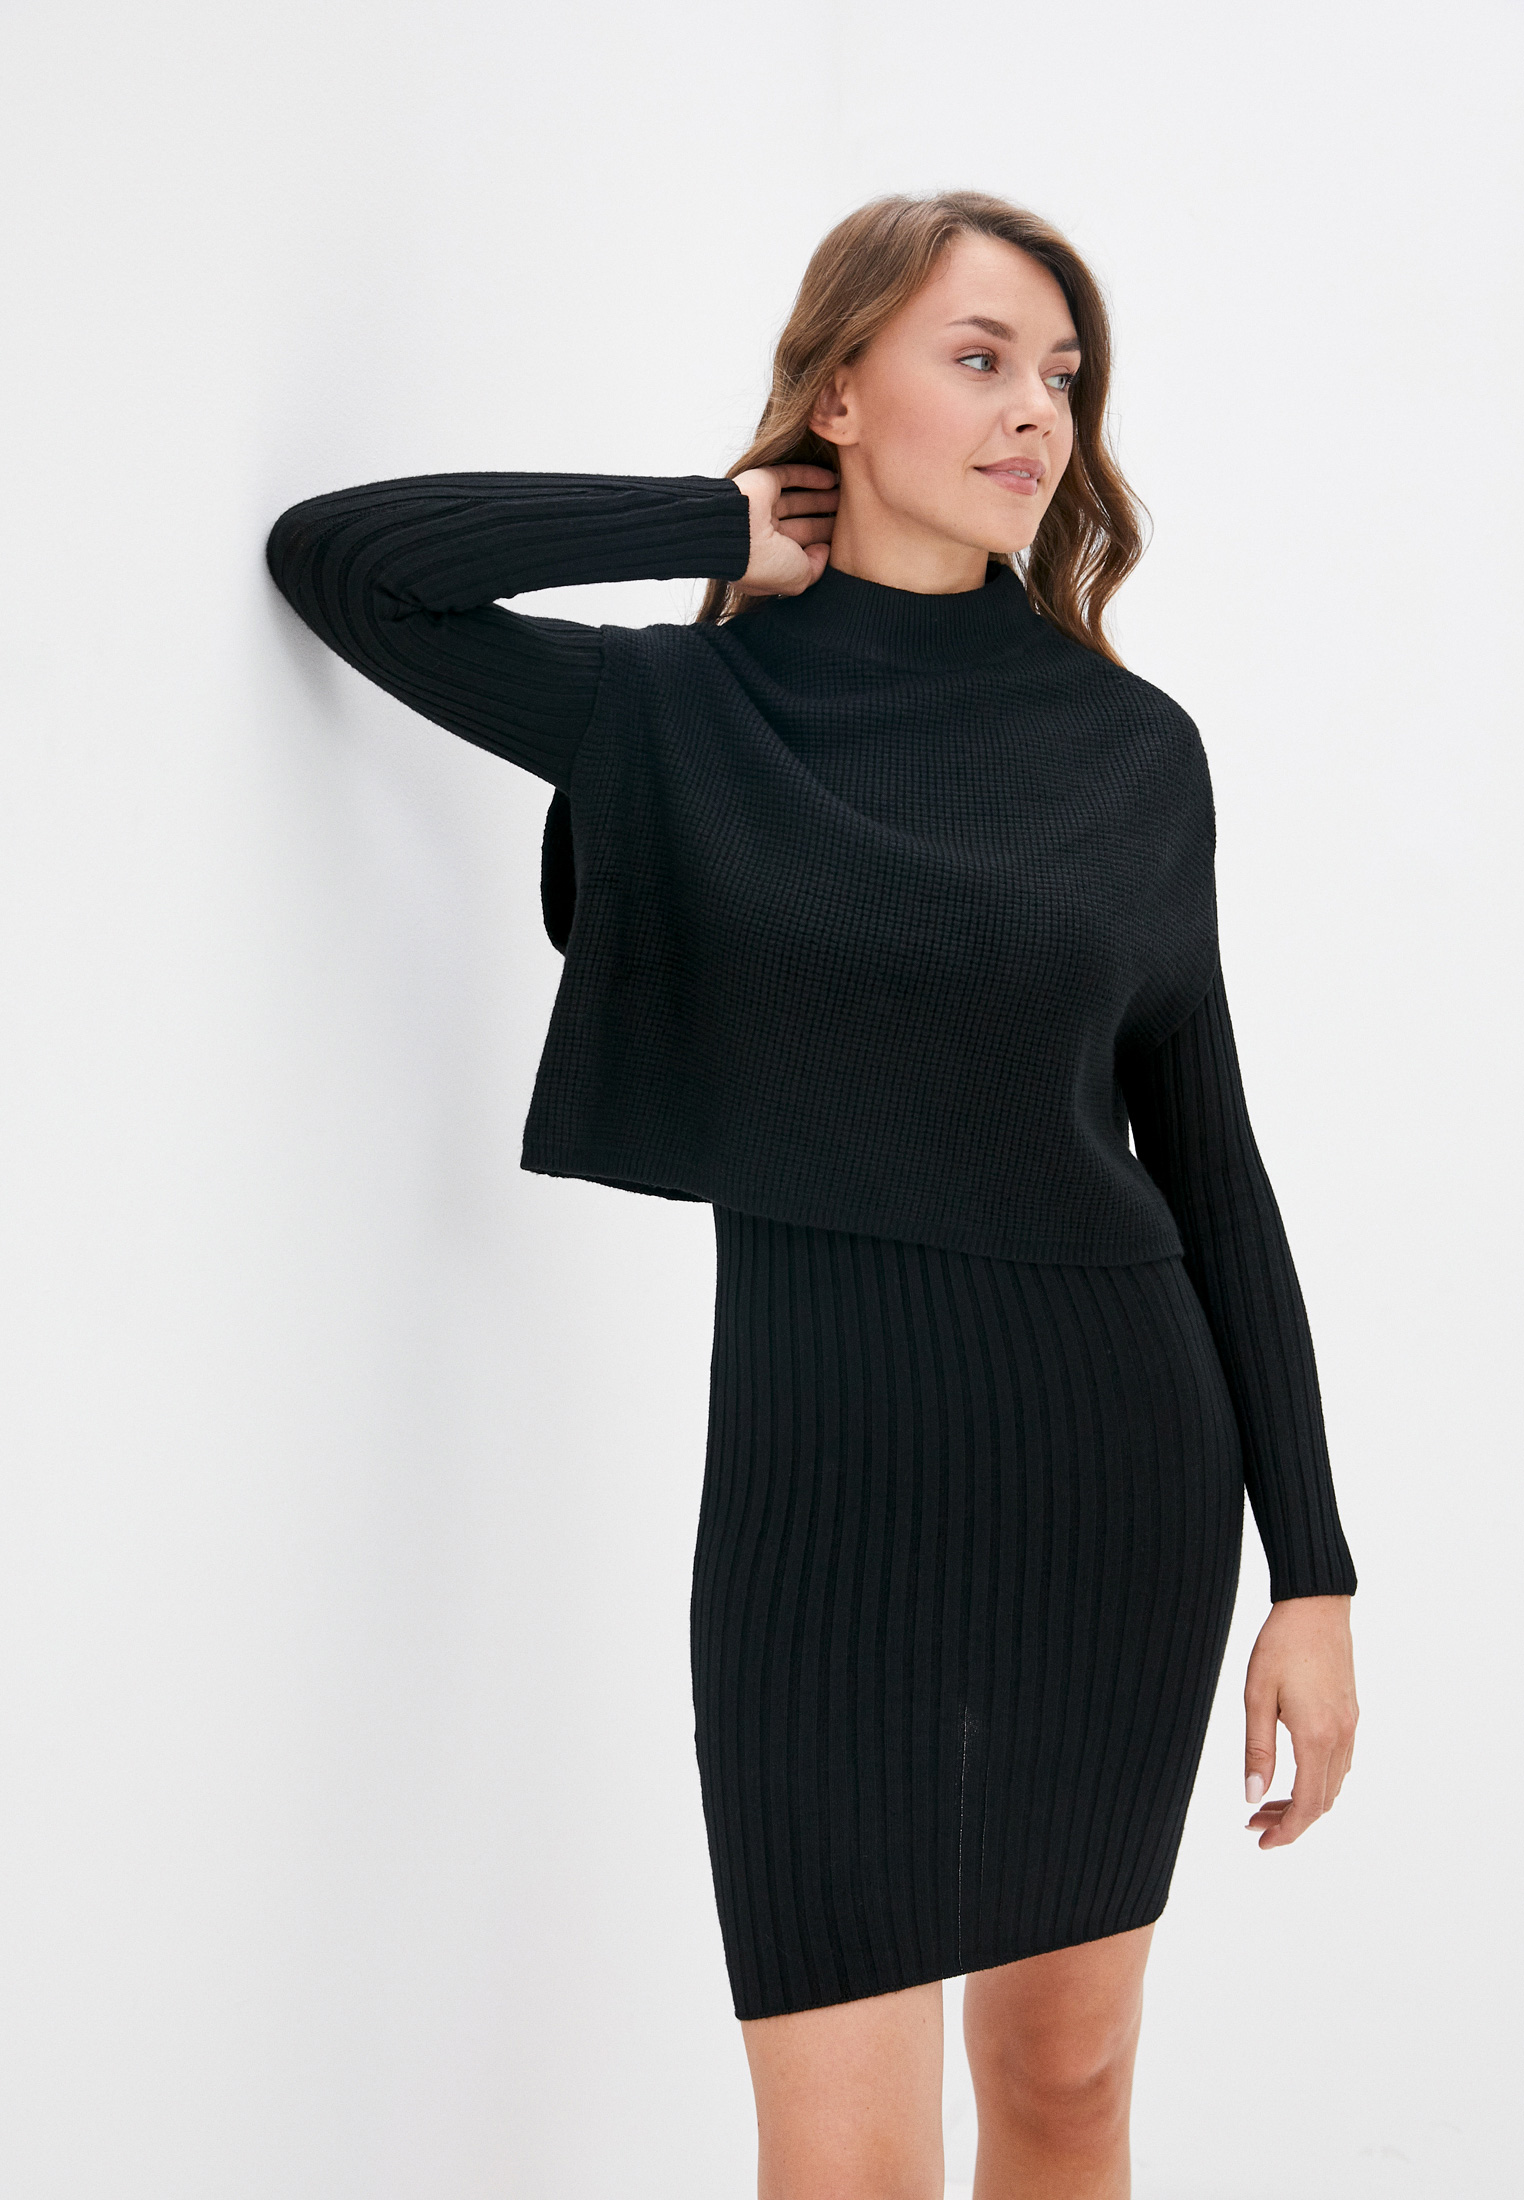 Вязаное платье Marselesa MAR2122-36-3